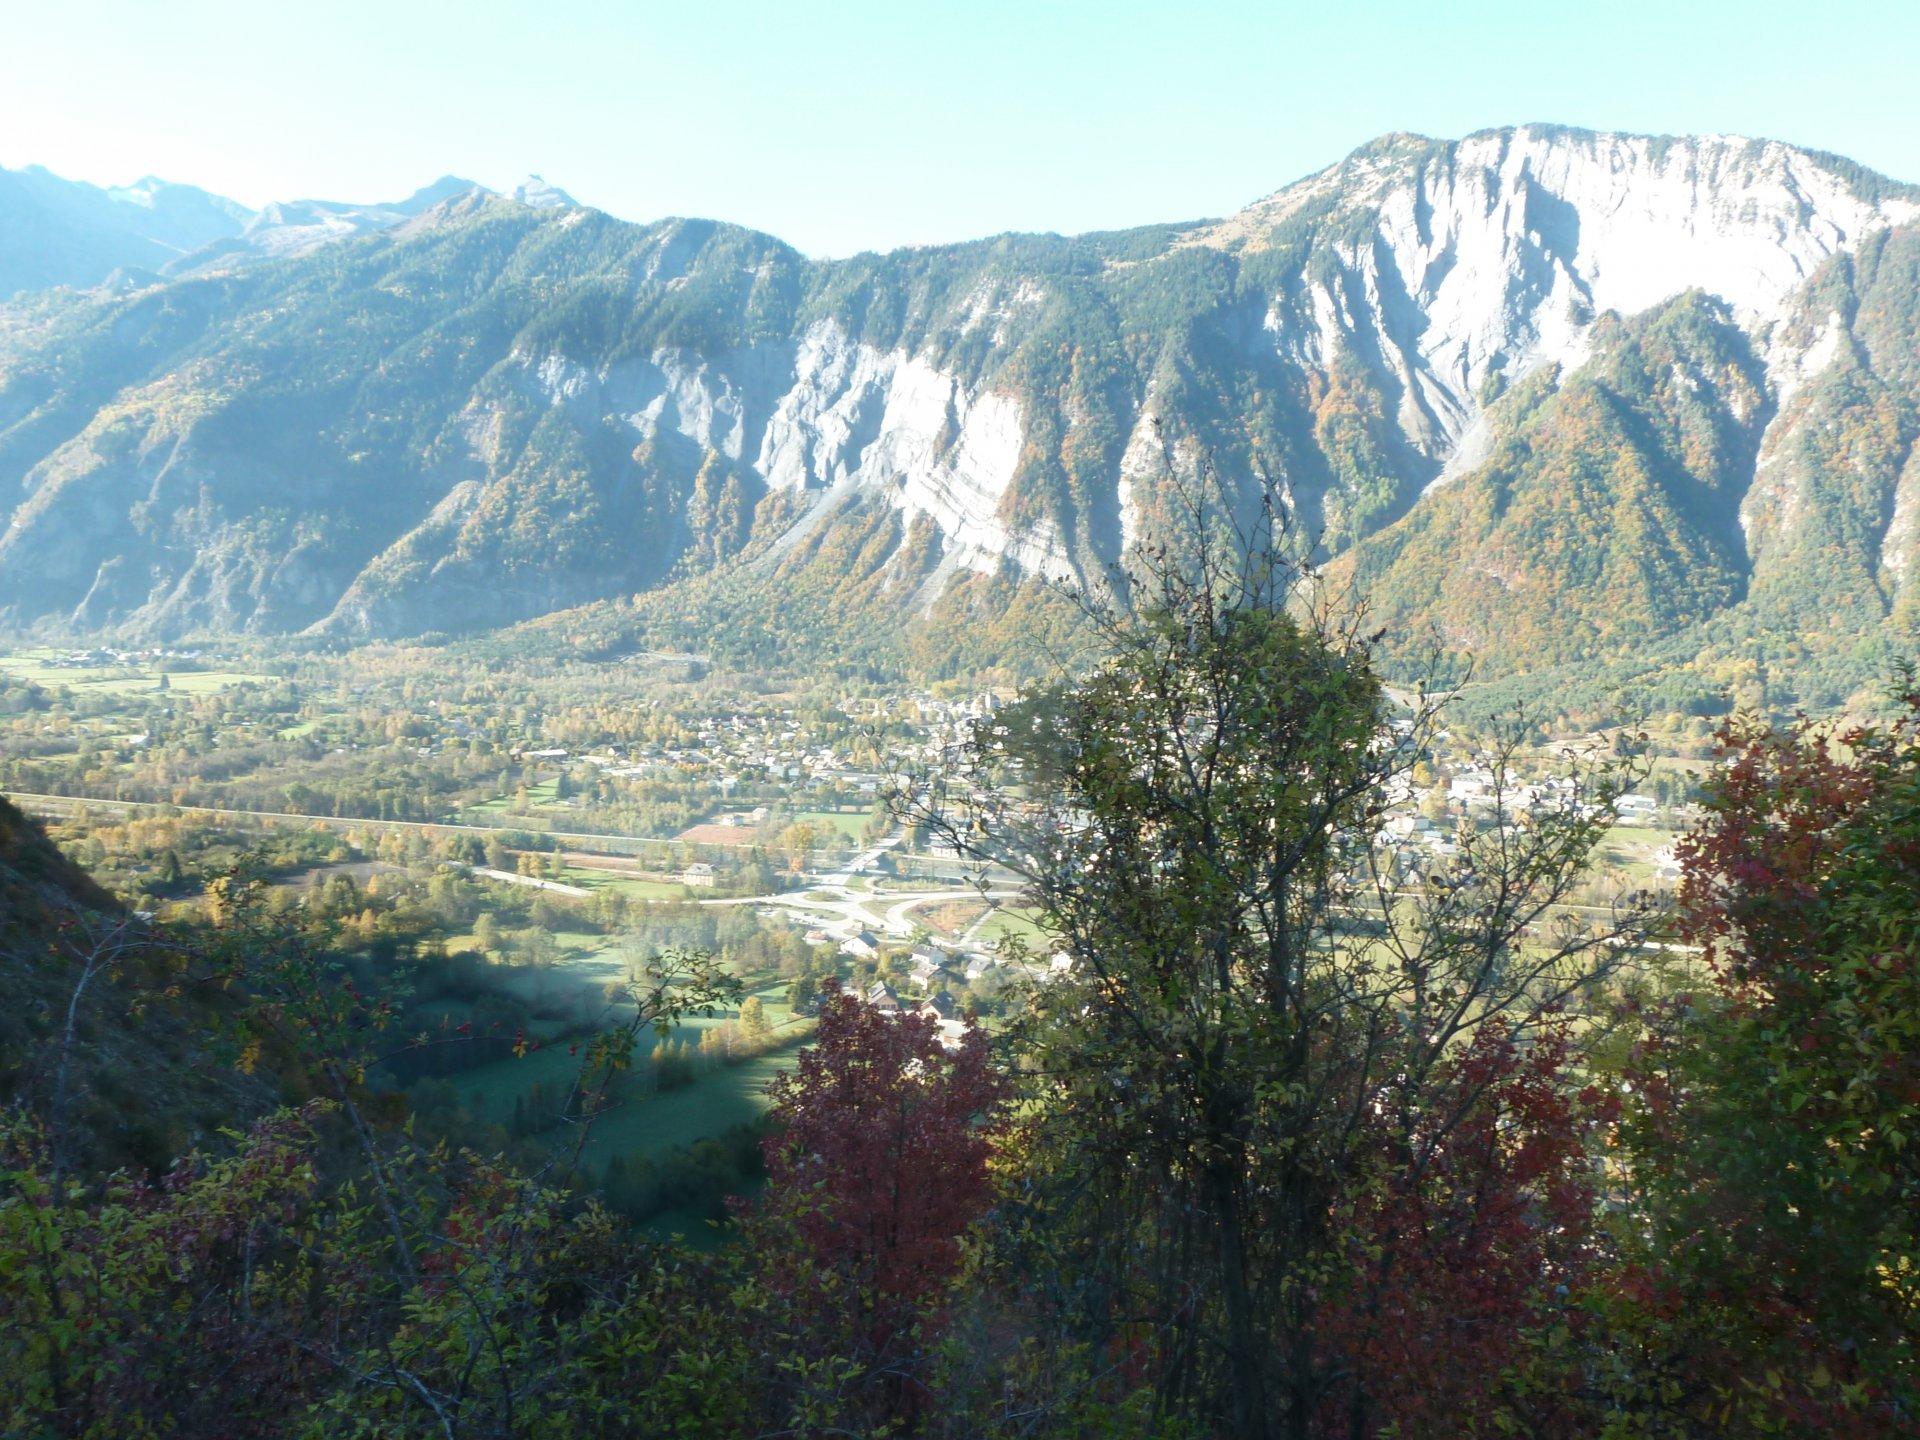 Vente Terrain constructible - Le Bourg-d'Oisans